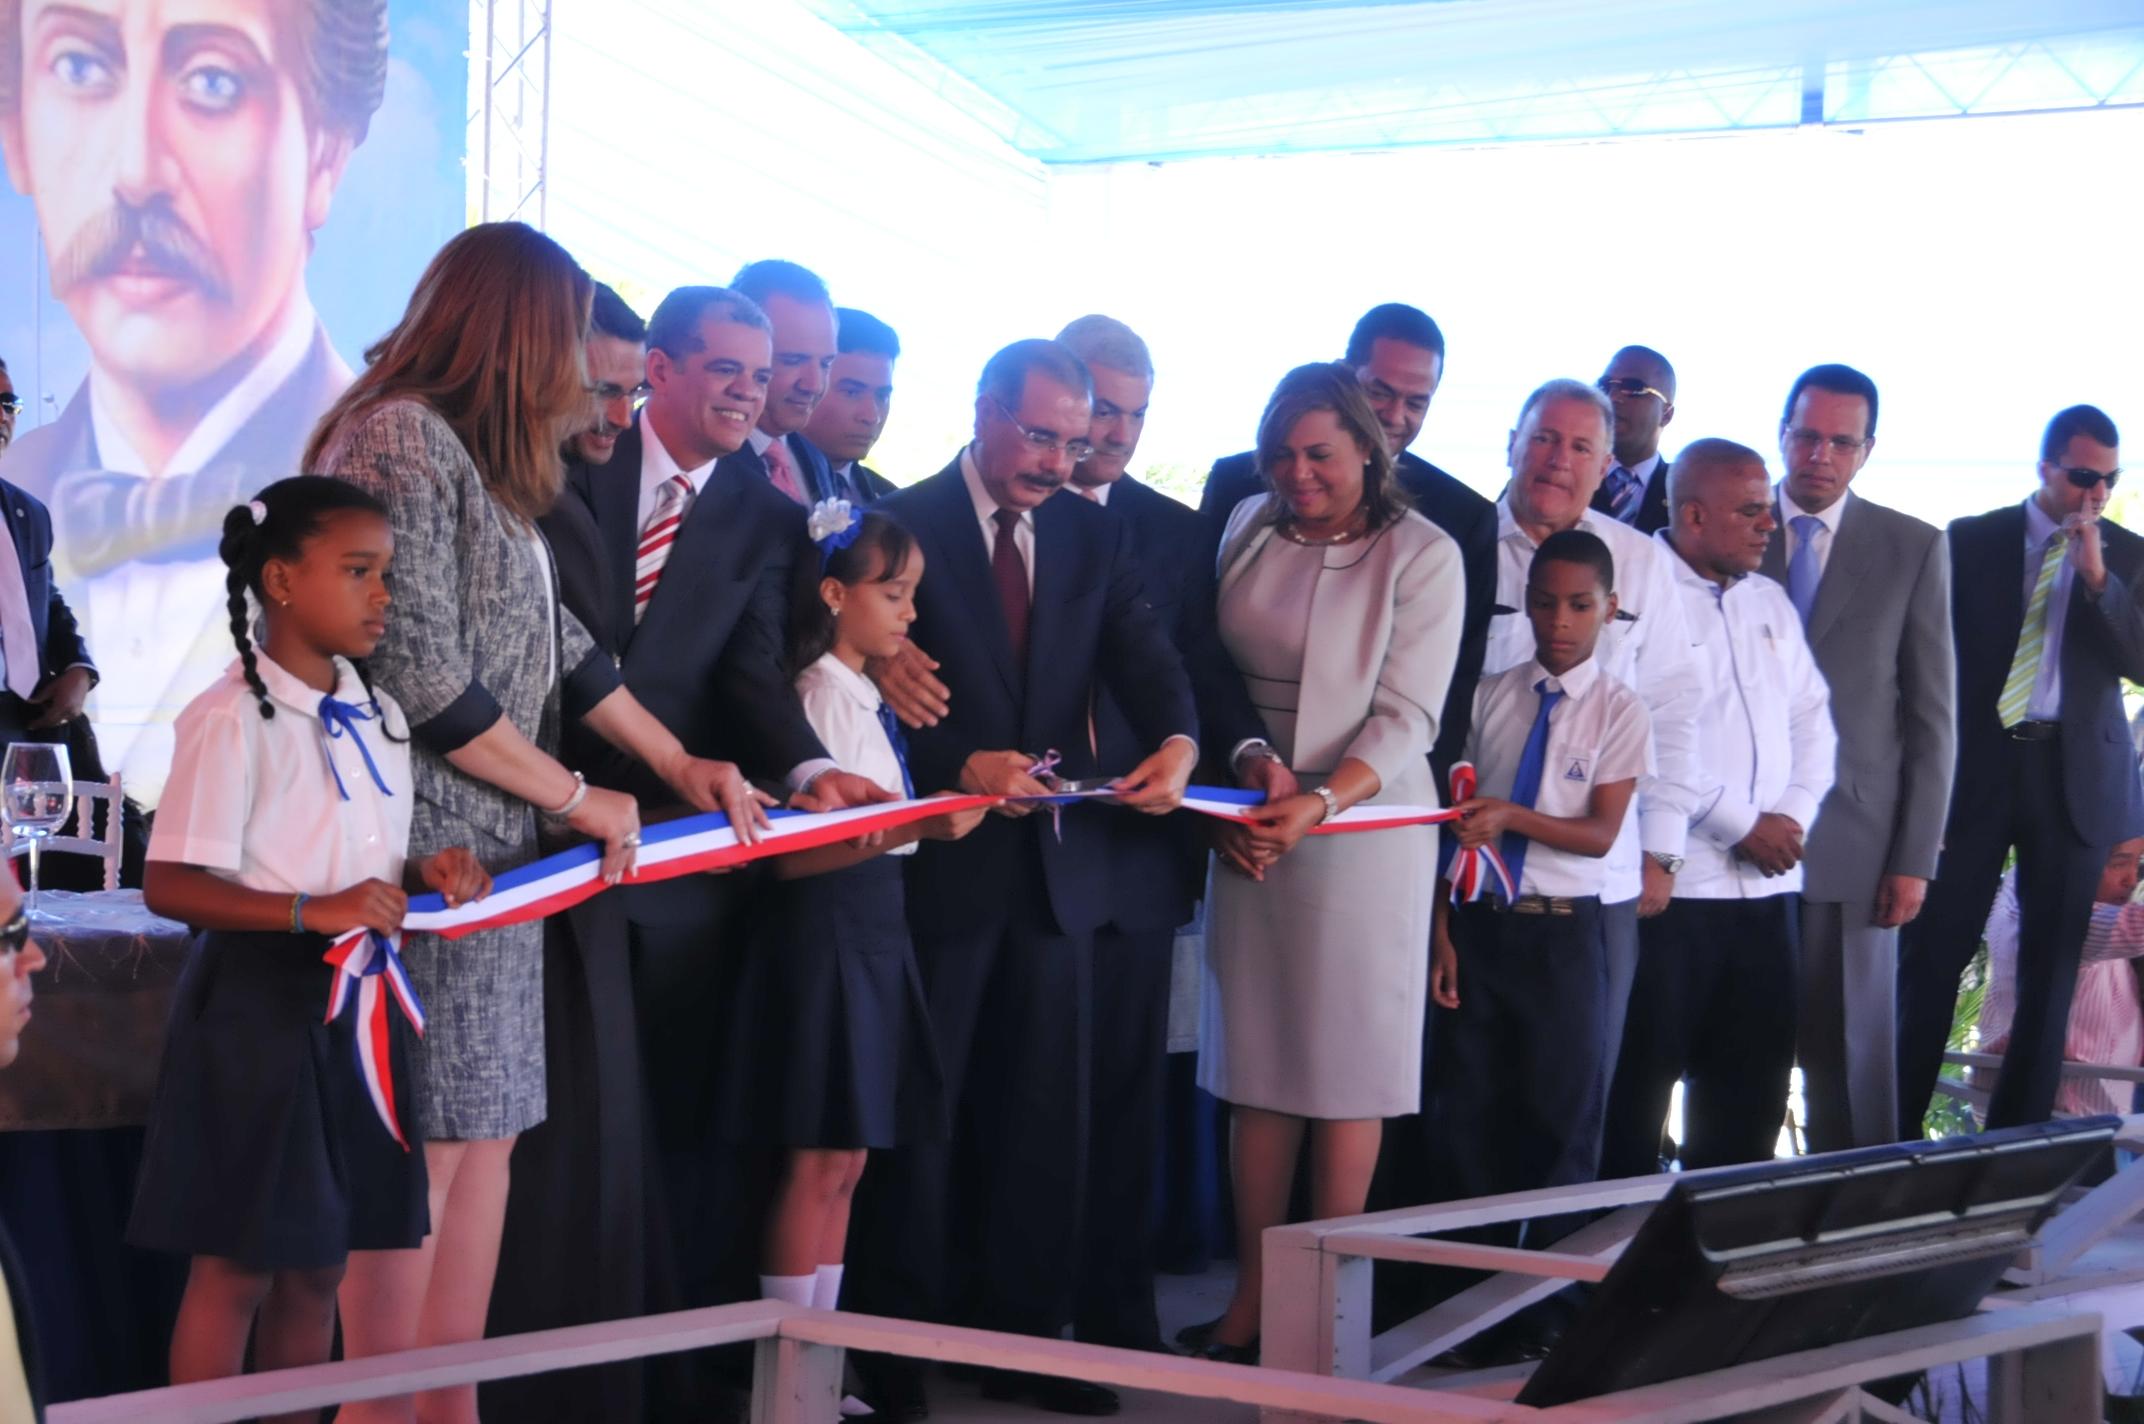 Medina inaugura en Santiago otras 11 escuelas con 156 aulas